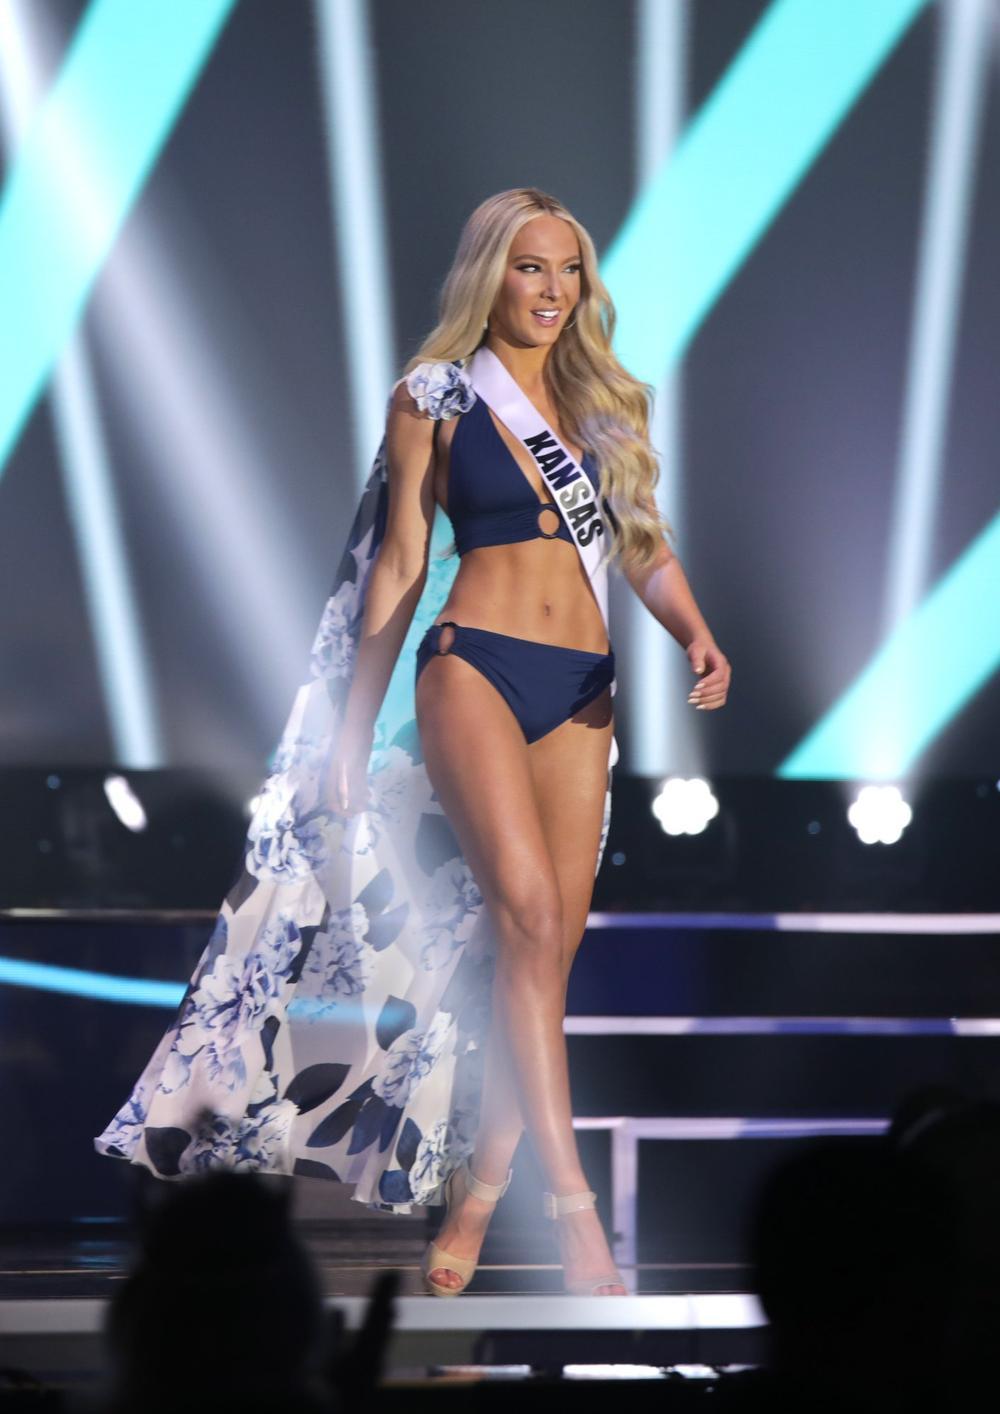 Thí sinh Miss USA mặc lạc quẻ giống Kiều Loan, đạo nhái váy Hoàng Thùy trong phần thi dạ hội Ảnh 5